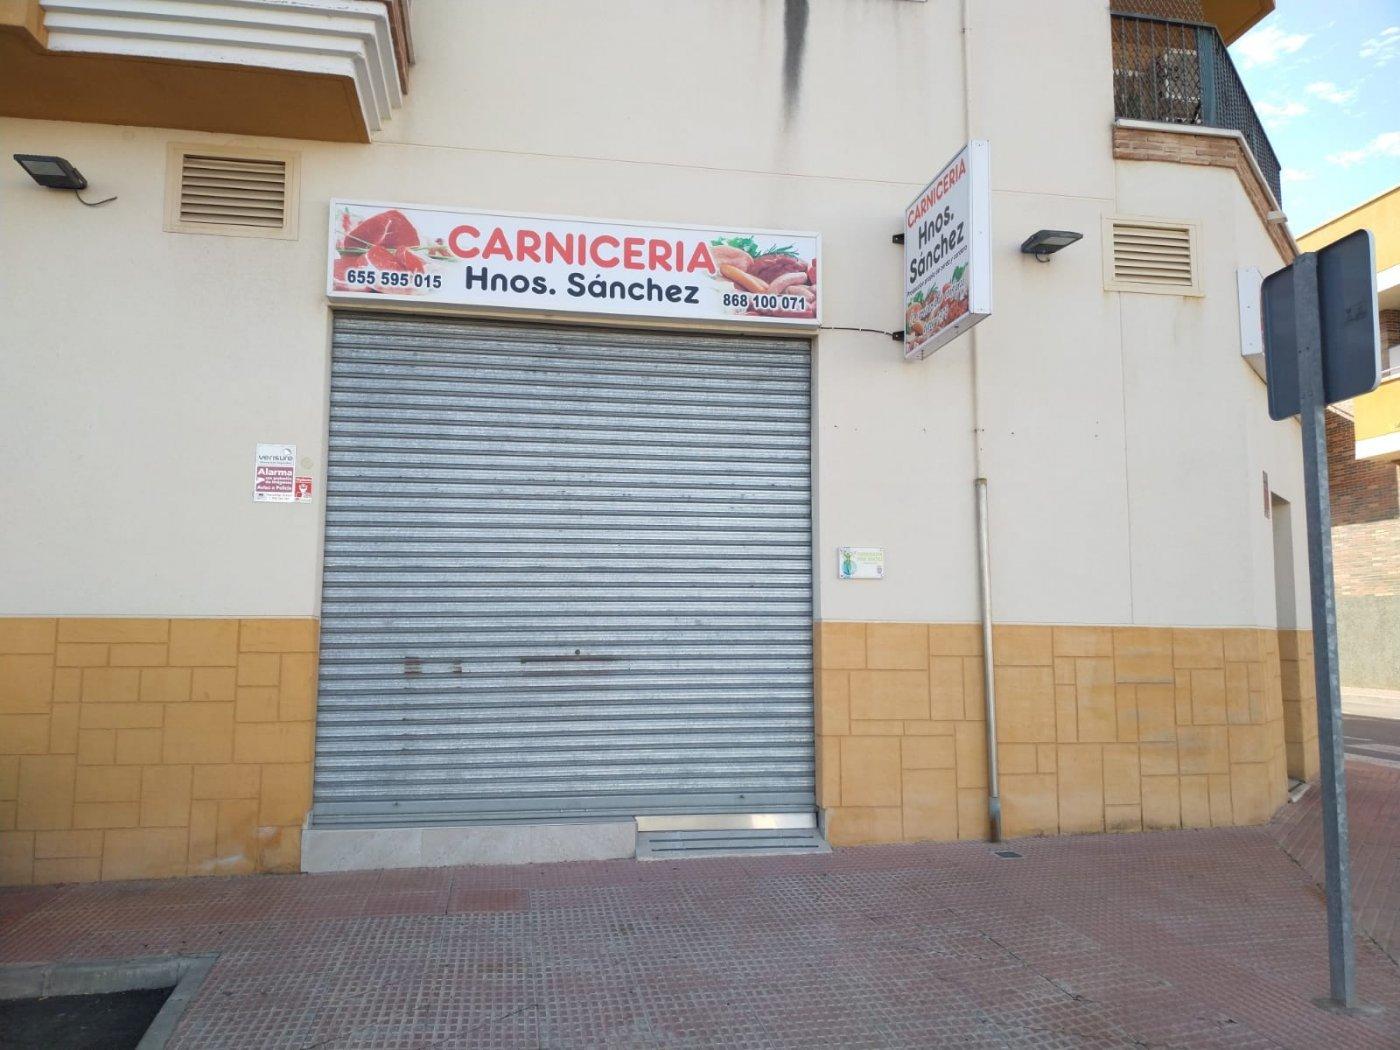 Local en alquiler en Juan carlos i, Las Torres de Cotillas